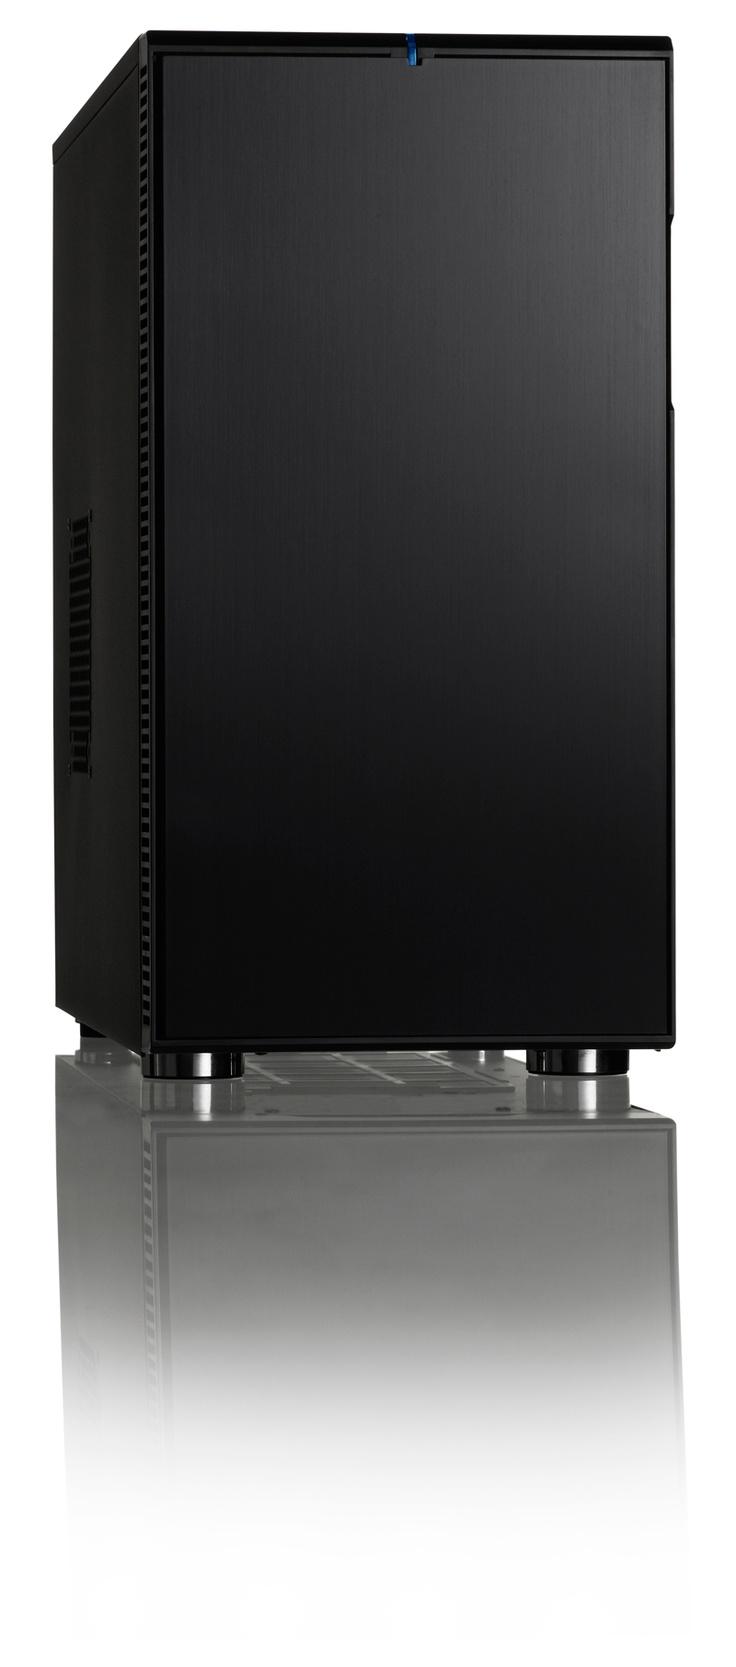 Fractal Design Define R4 computer case